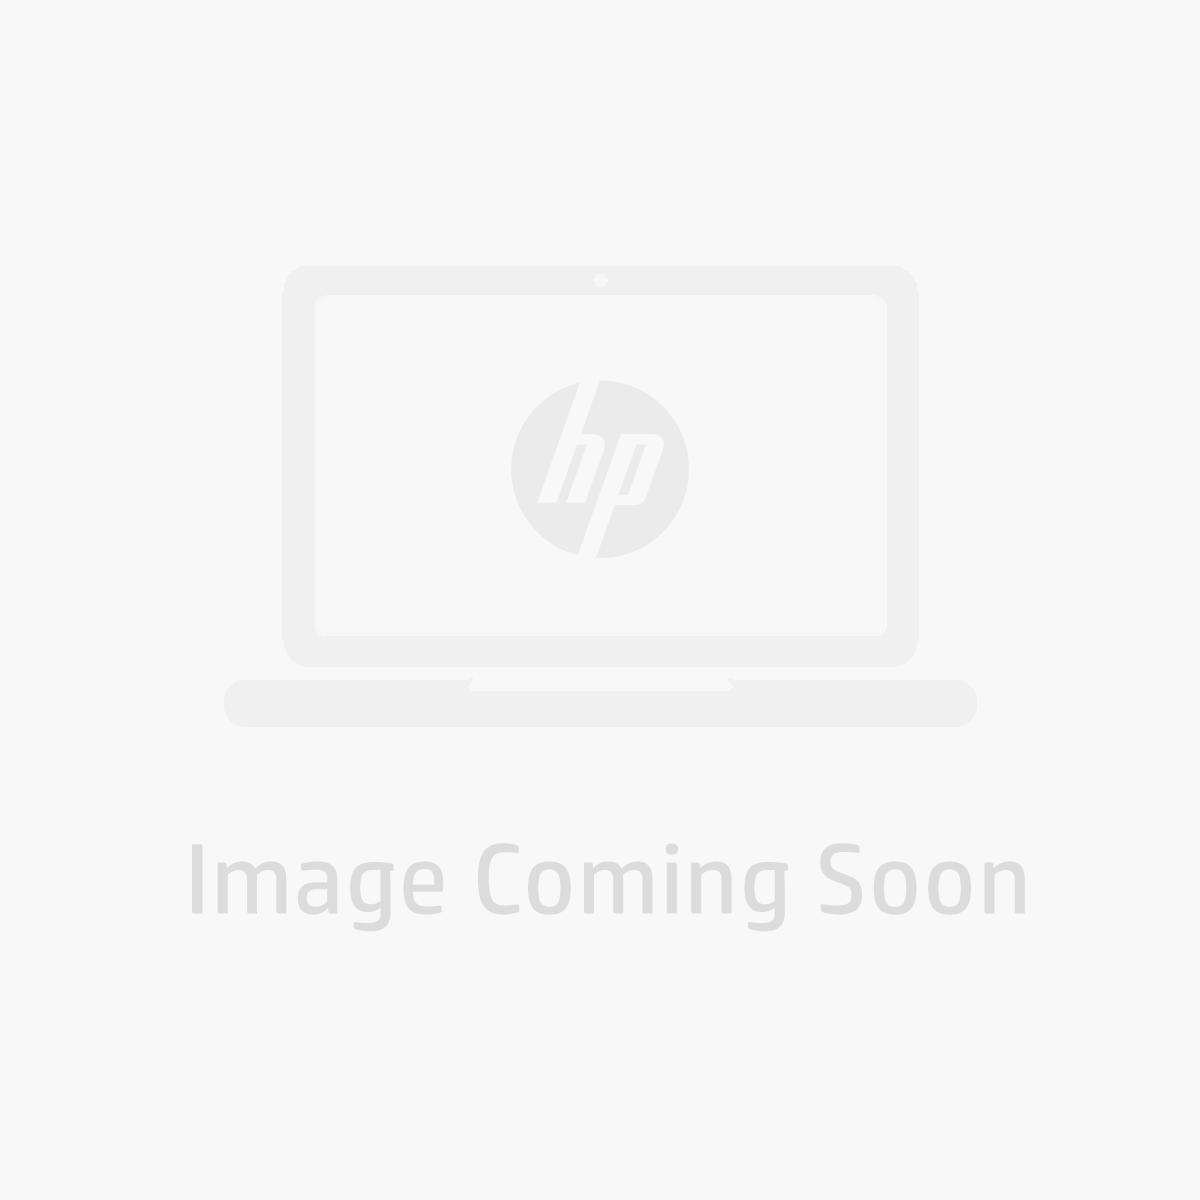 Z4 G4 intel Xeon W-2123